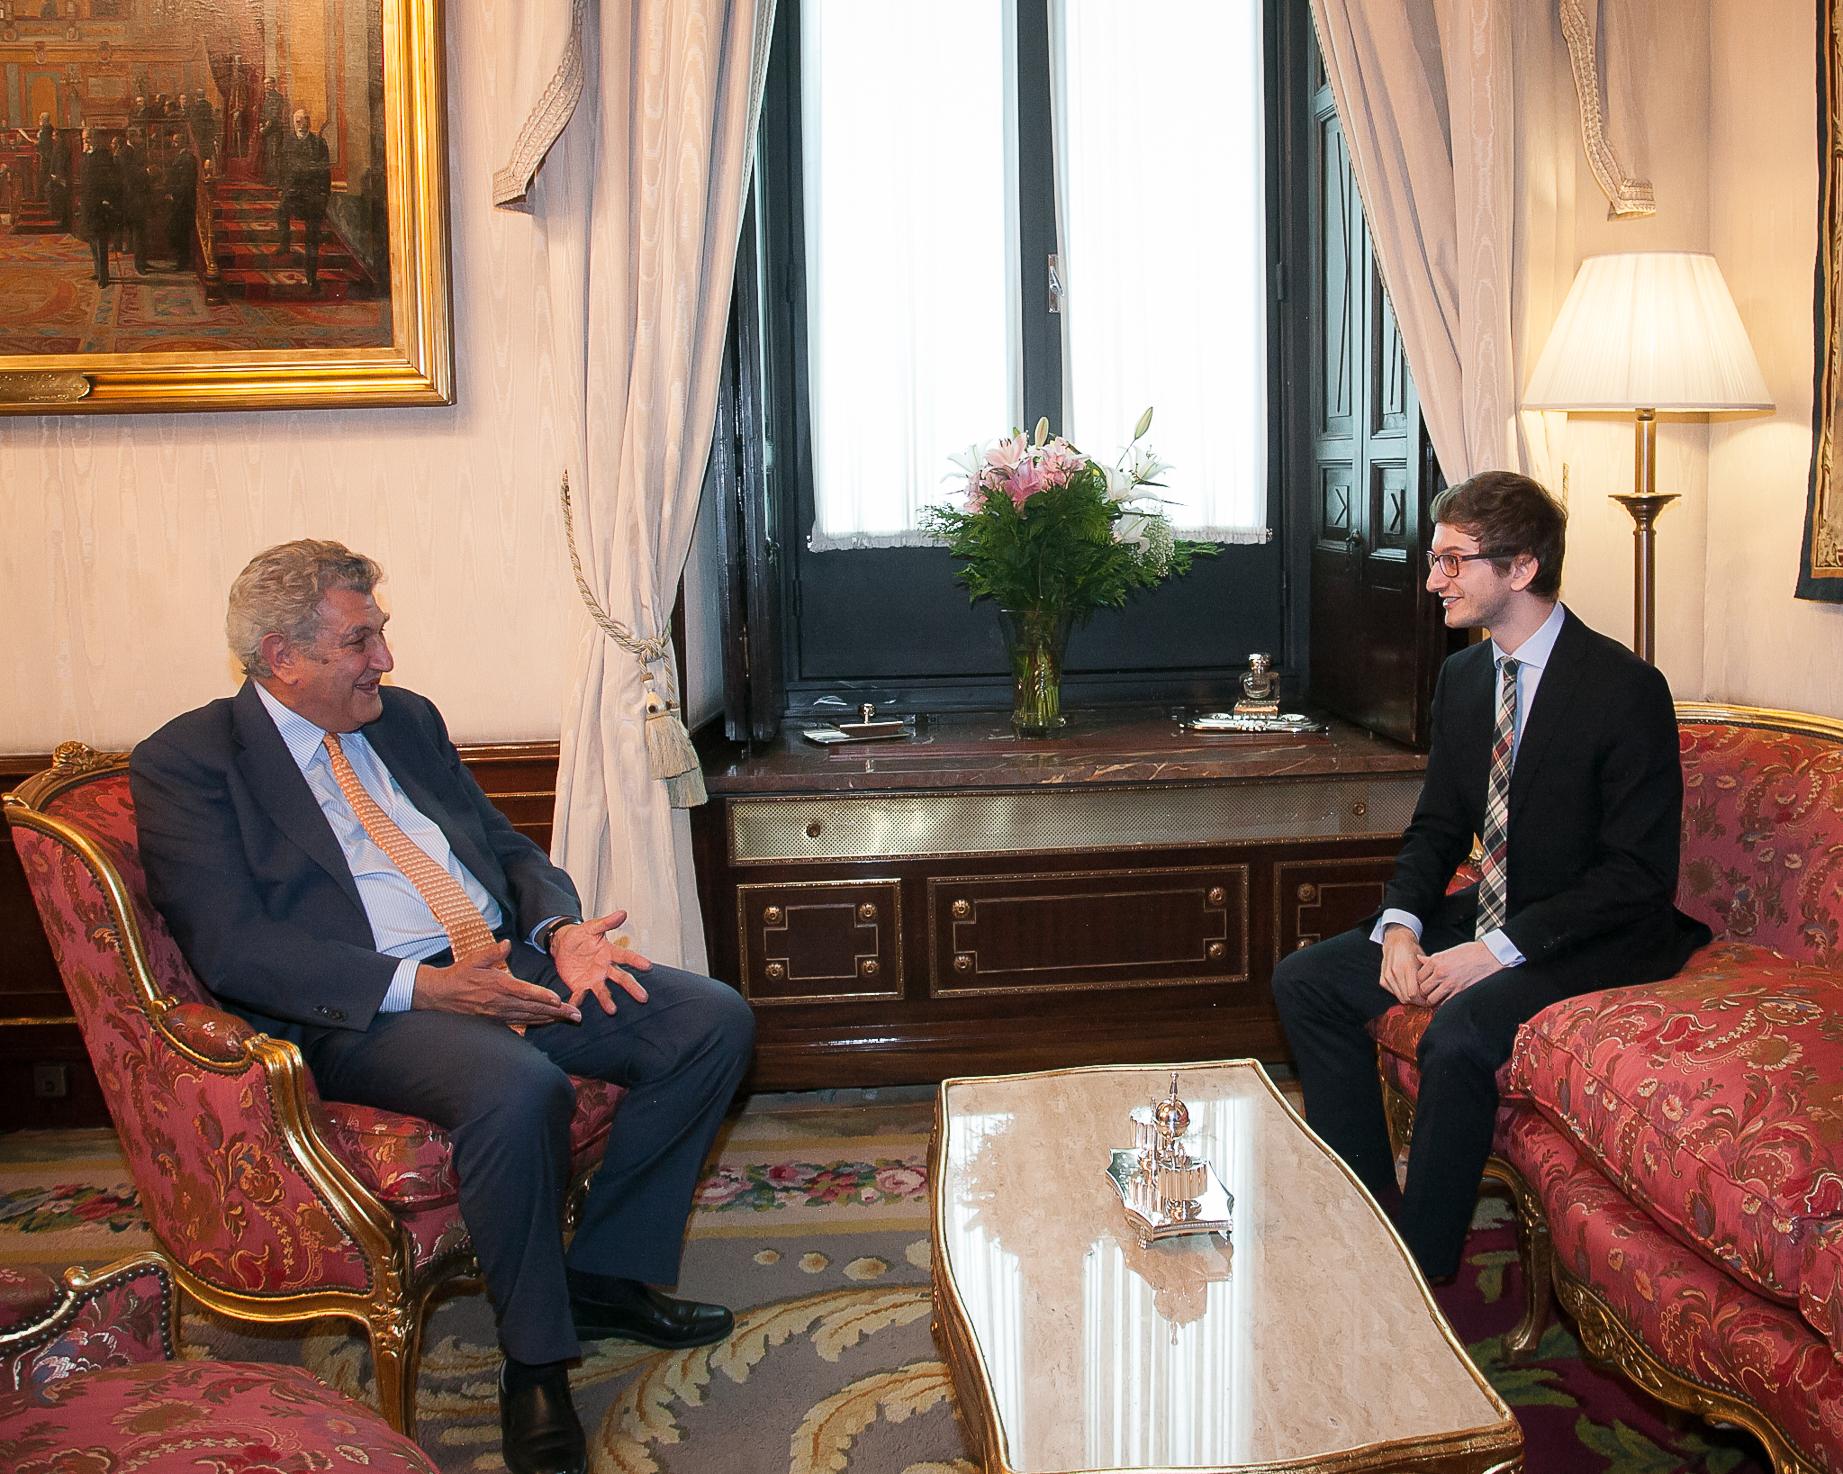 El Presidente del Congreso de los Diputados, durante la entrevista